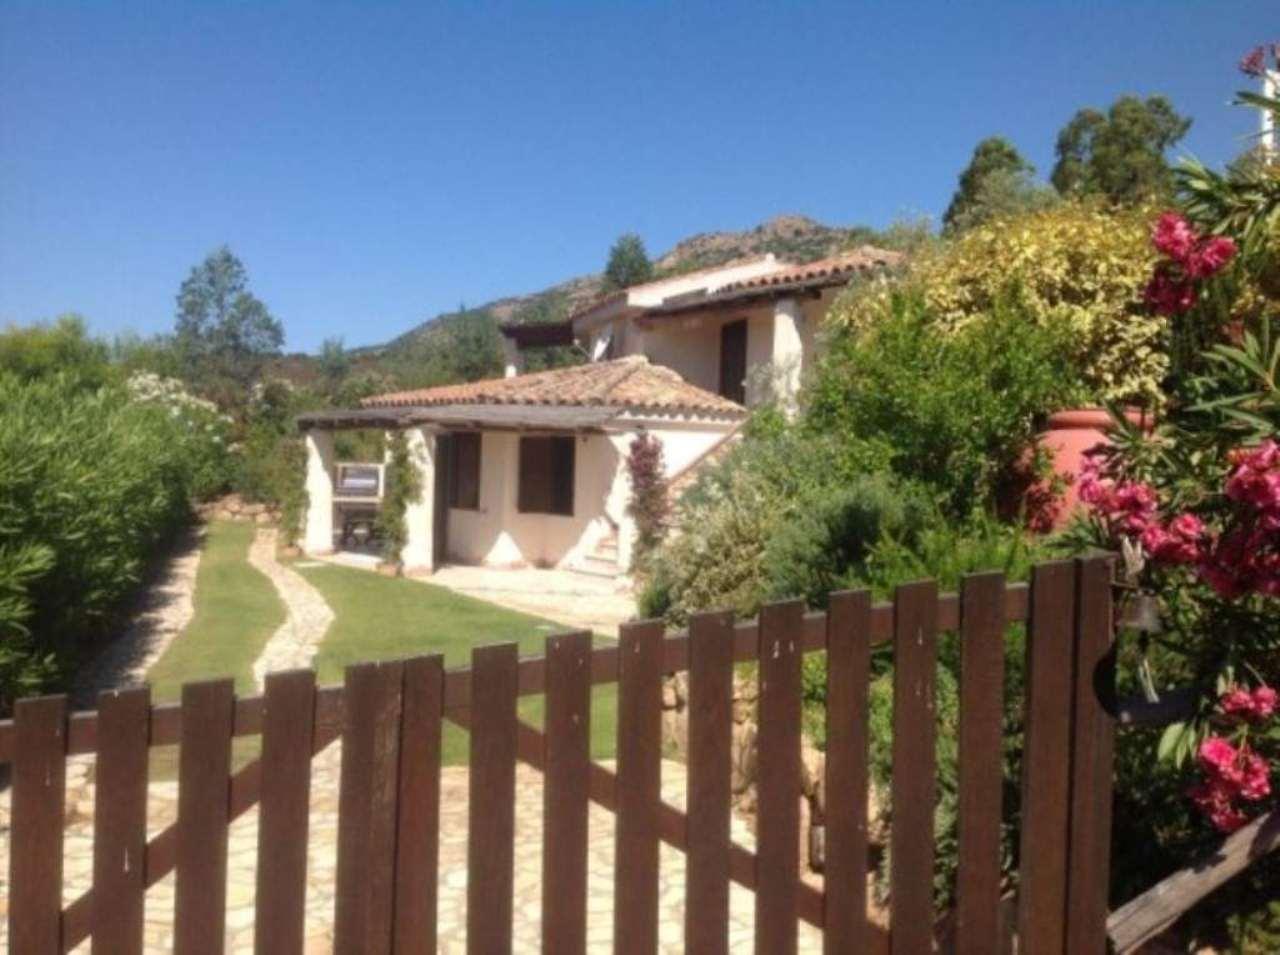 Villa in vendita a Domus De Maria, 3 locali, prezzo € 370.000 | Cambio Casa.it